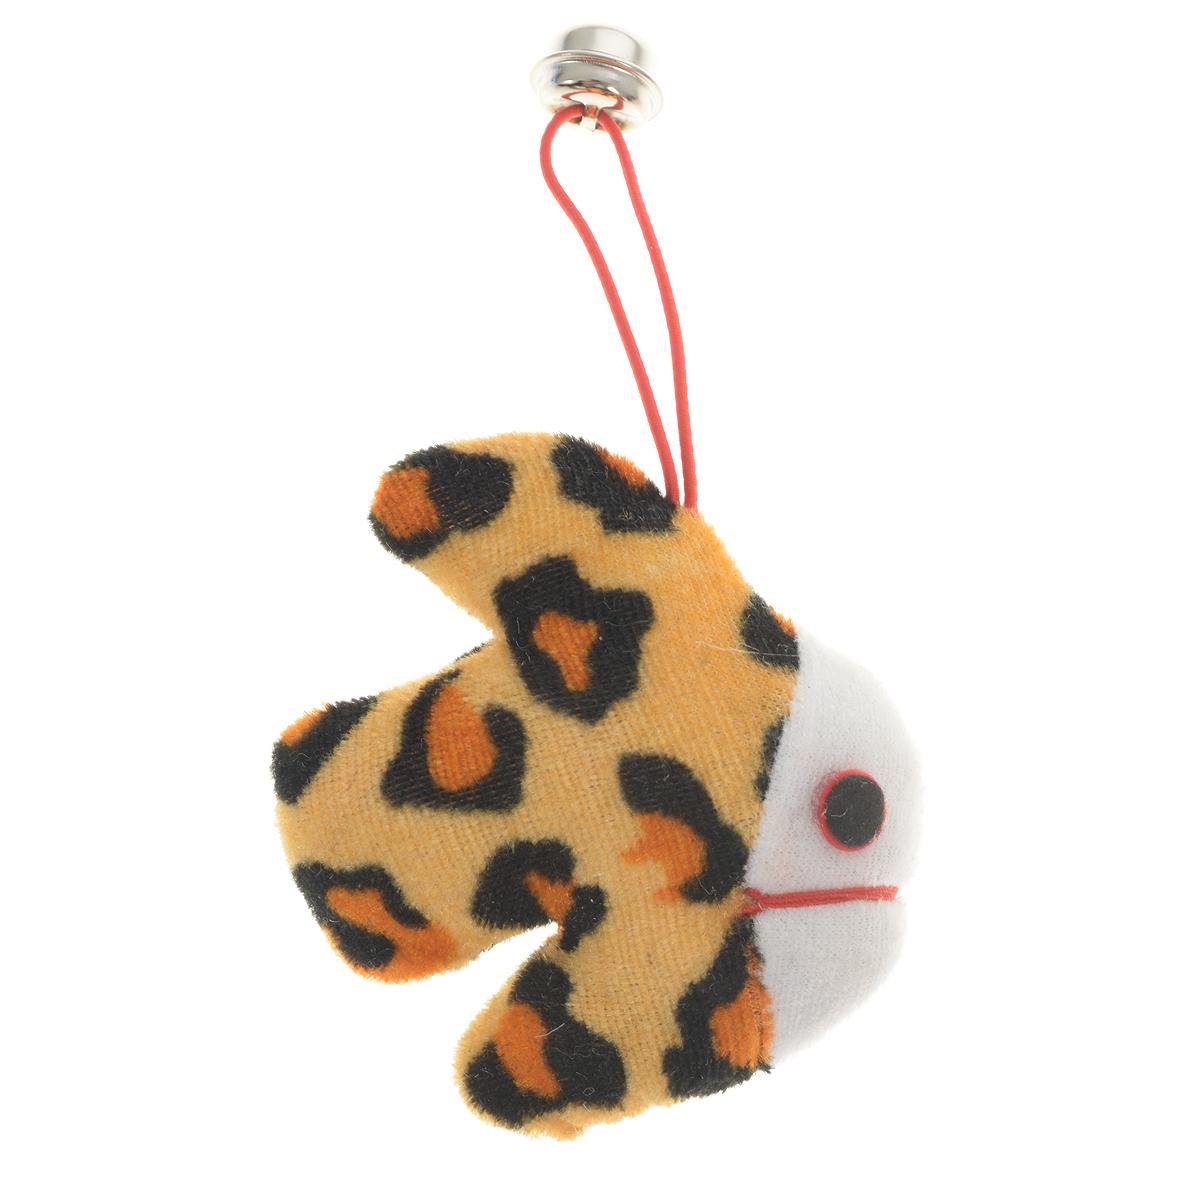 Игрушка для кошки V.I.Pet Рыбка, с мятойC-101Игрушка V.I.Pet Рыбка изготовлена из текстиля в виде рыбки с бубенчиком и наполнена кошачьей мятой. Кошачья мята (Котовник) - растение, запах которого делает кошку более игривой. Очень агрессивные и легко возбудимые кошки становятся более спокойными и уравновешенными.С помощью этого средства кошка легче перенесет путешествие на автомобиле, посещение ветеринарного врача или переезд животного на новую квартиру.